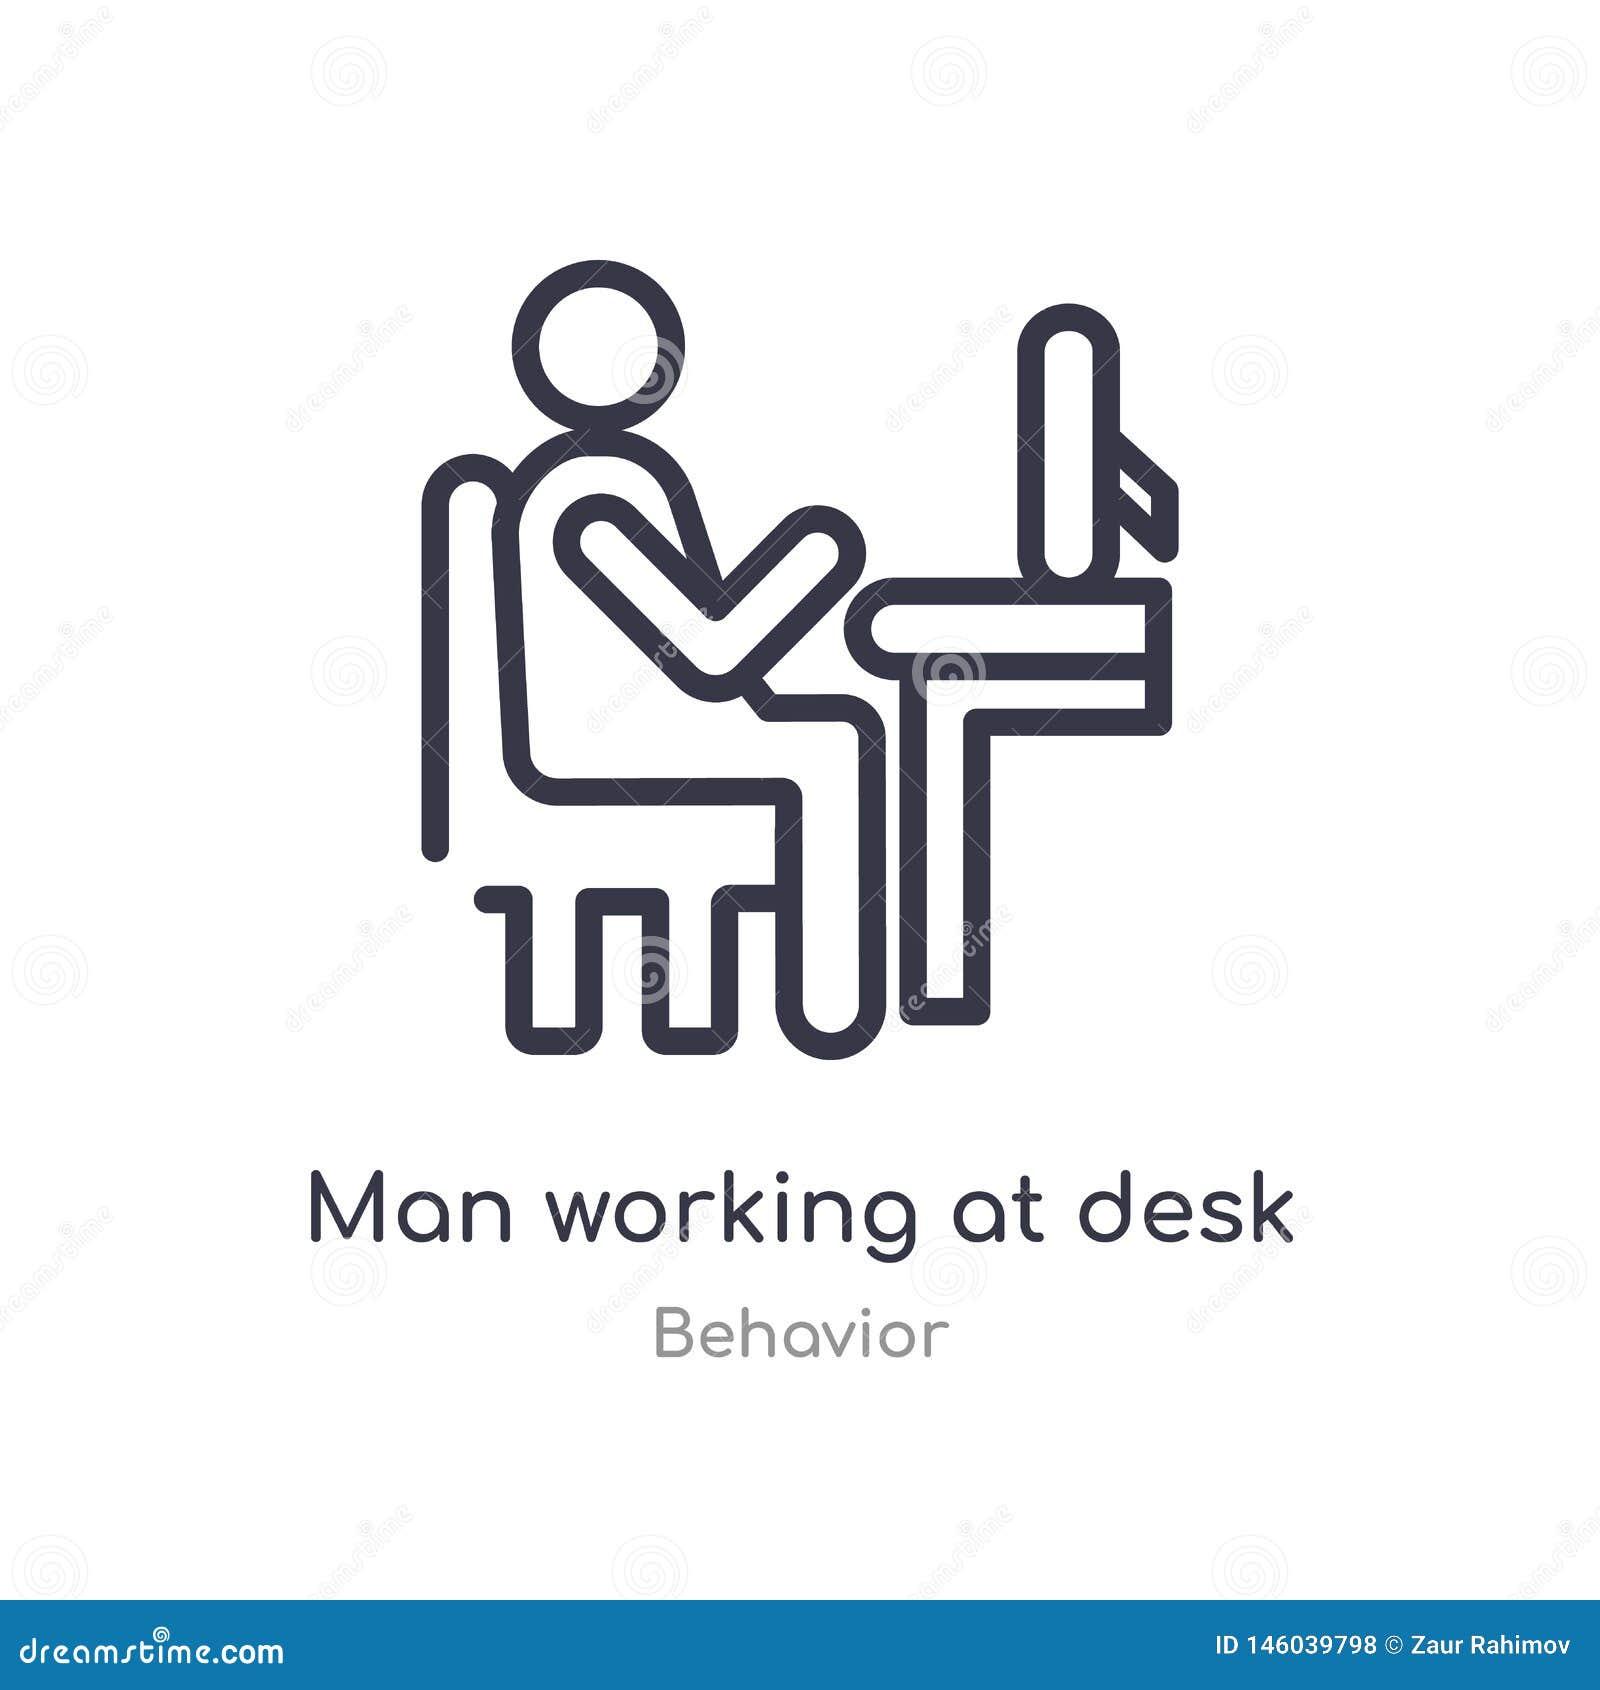 Mężczyzna pracuje przy biurko konturu ikoną odosobniona kreskowa wektorowa ilustracja od zachowanie kolekcji editable cienki uder